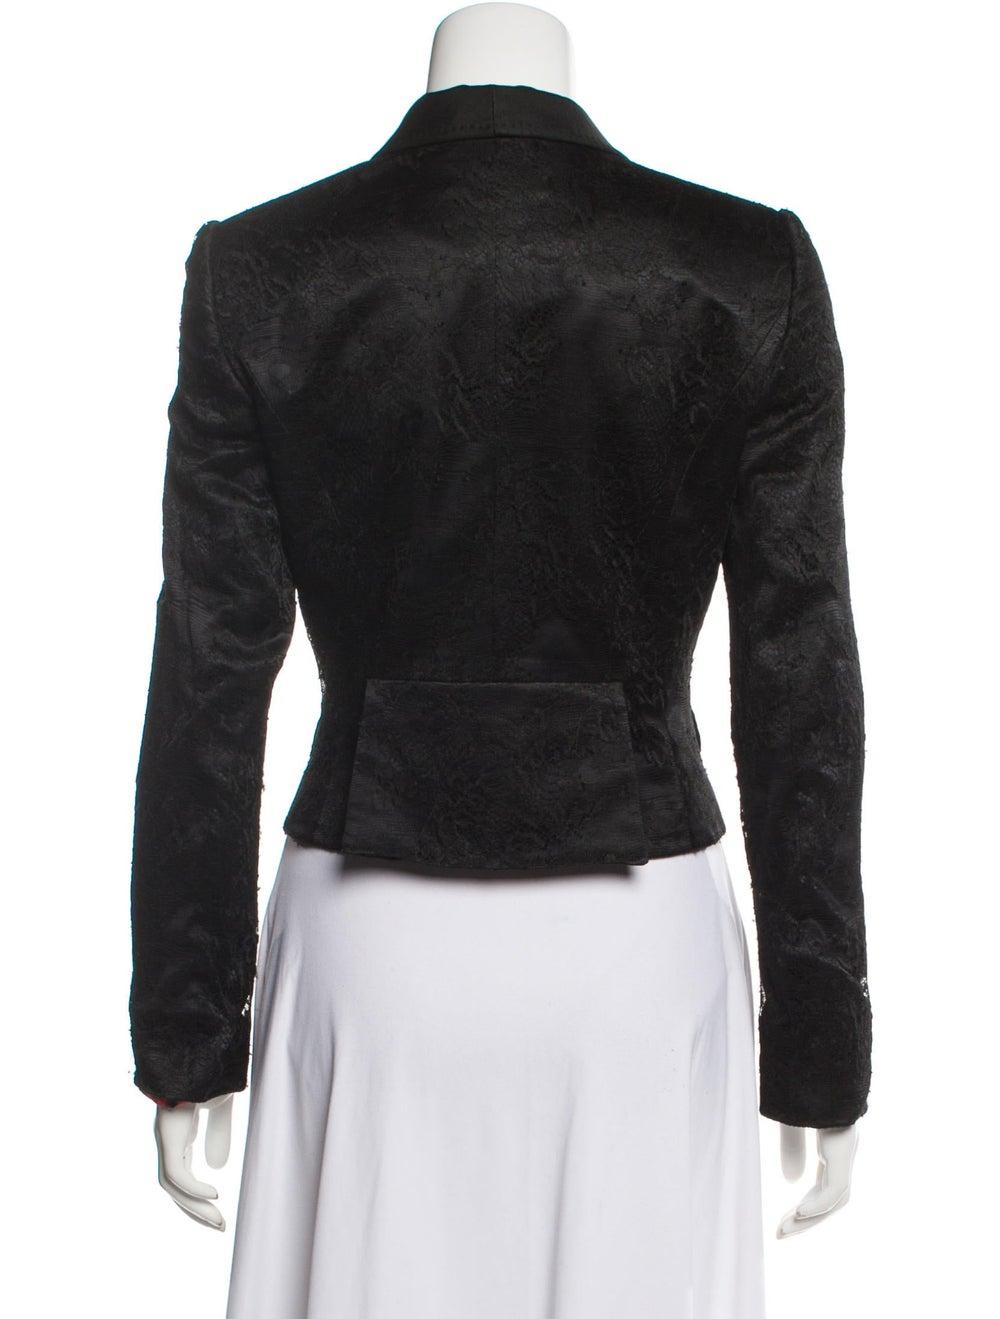 Dolce & Gabbana Lace Shawl Collar Blazer Black - image 3